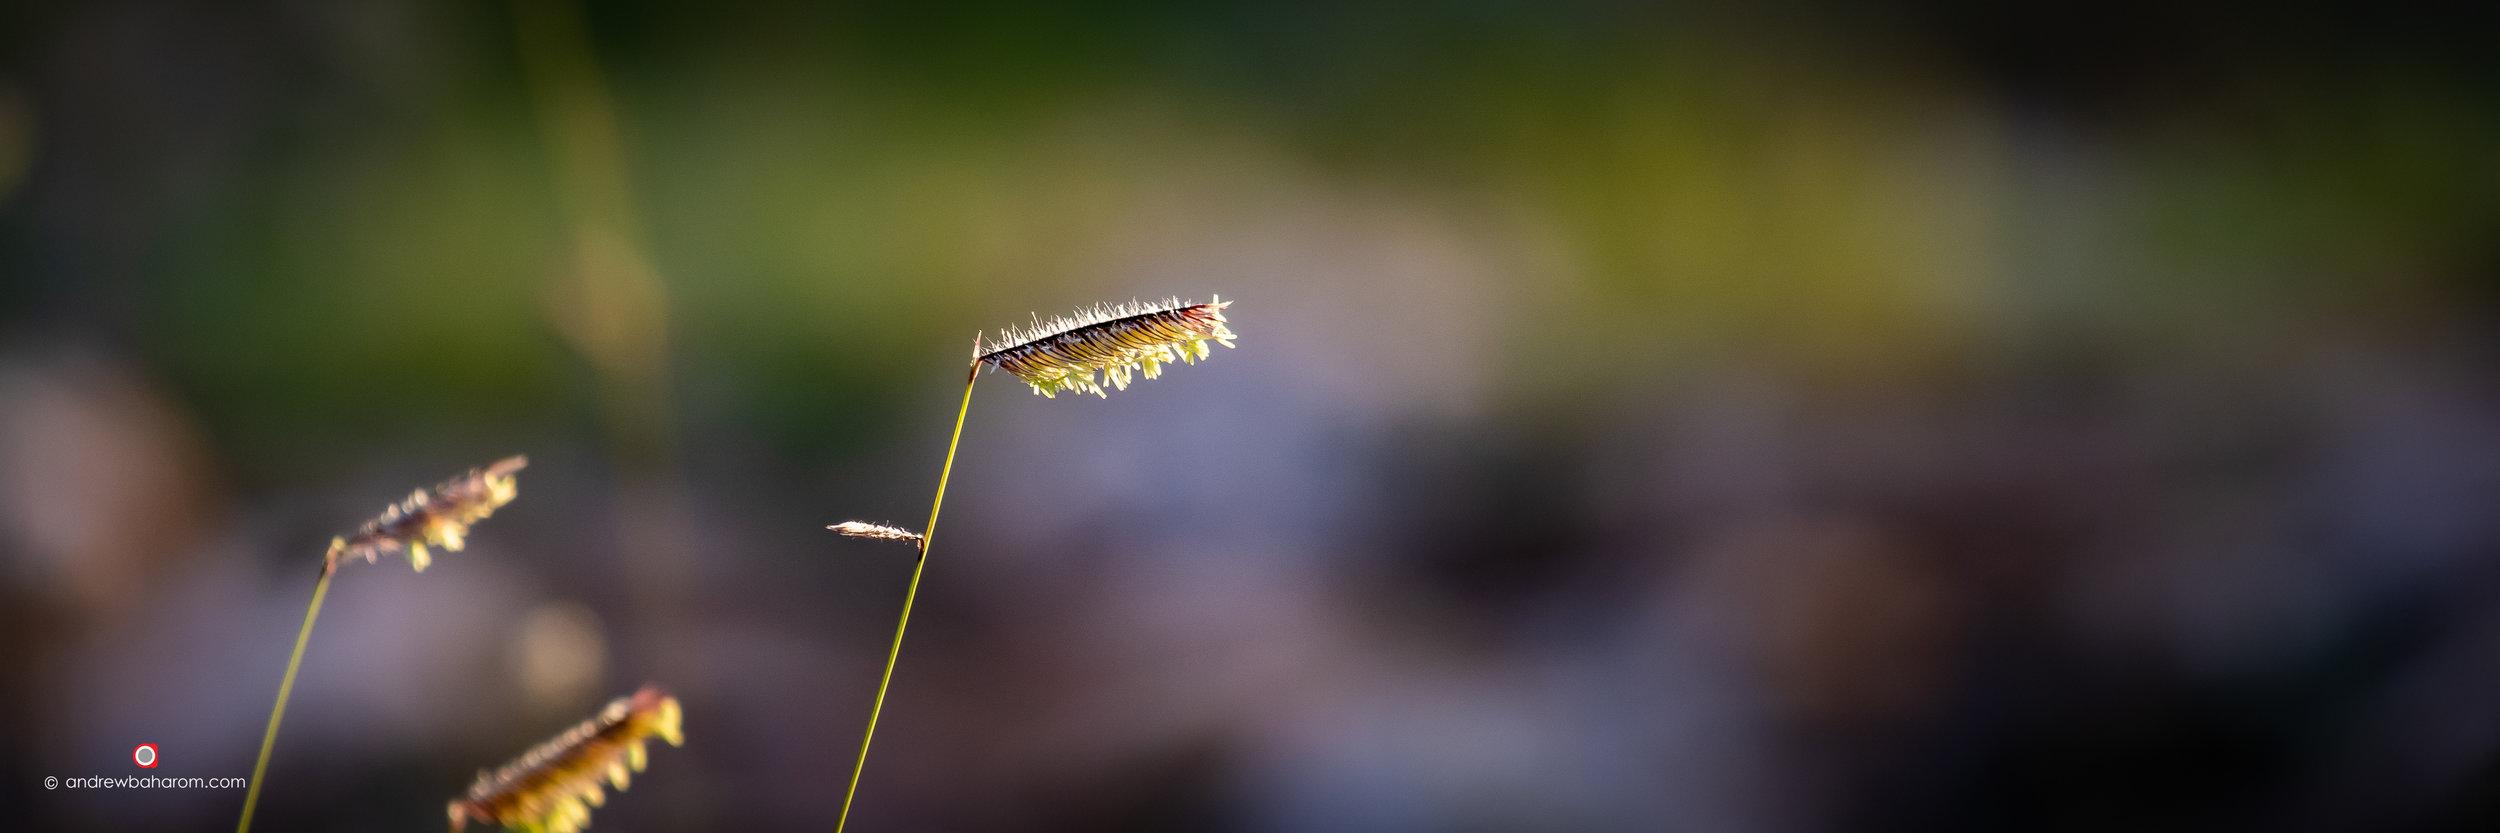 Wild Grass Seeds.jpg